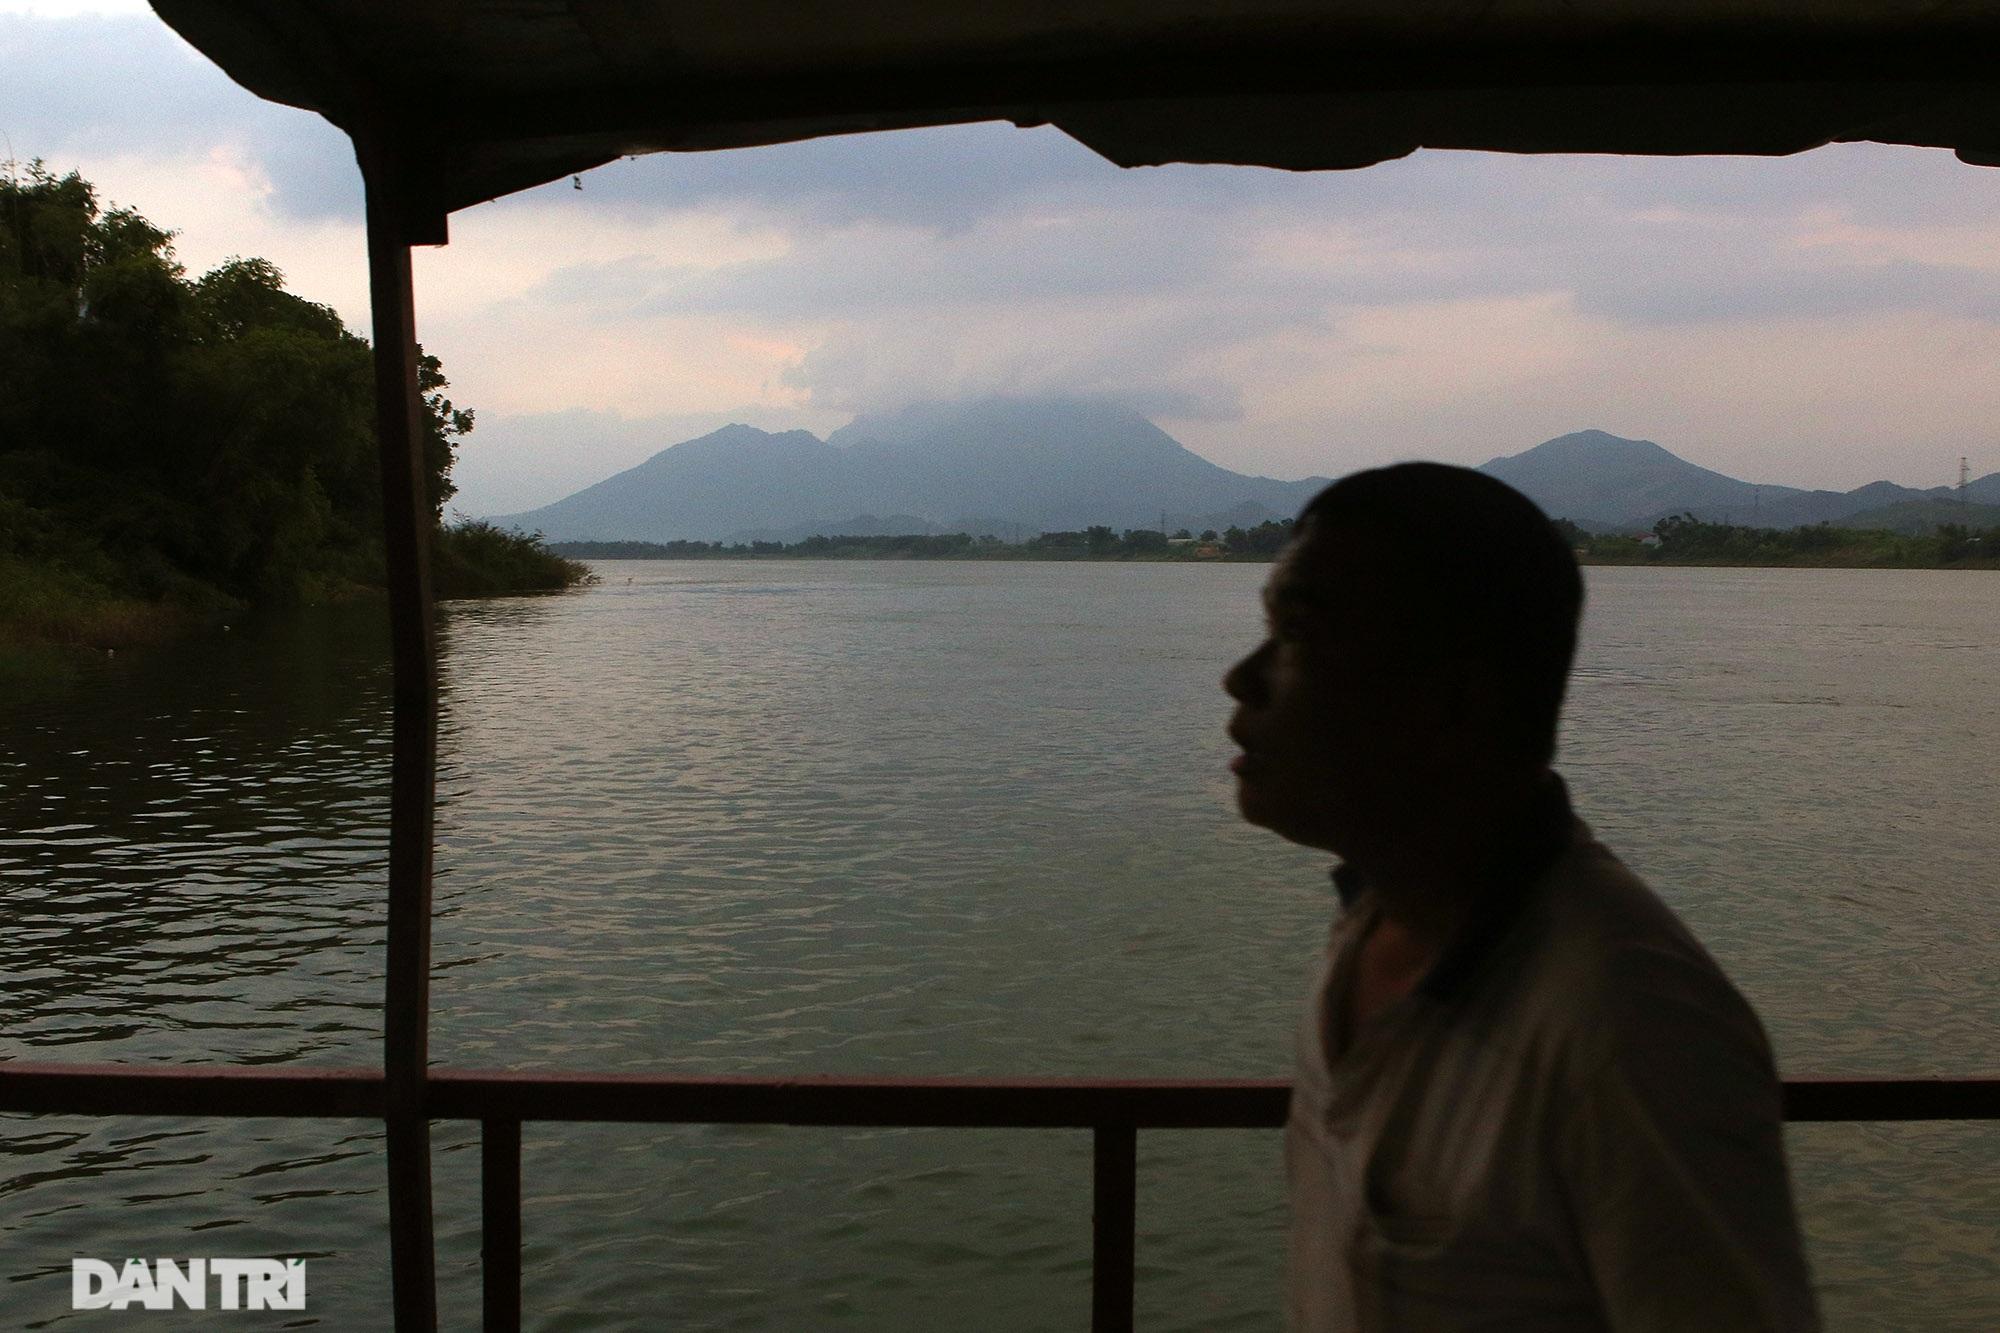 Núi thiêng gần Hà Nội đẹp mê mải nhìn từ muôn phương tám hướng - 12